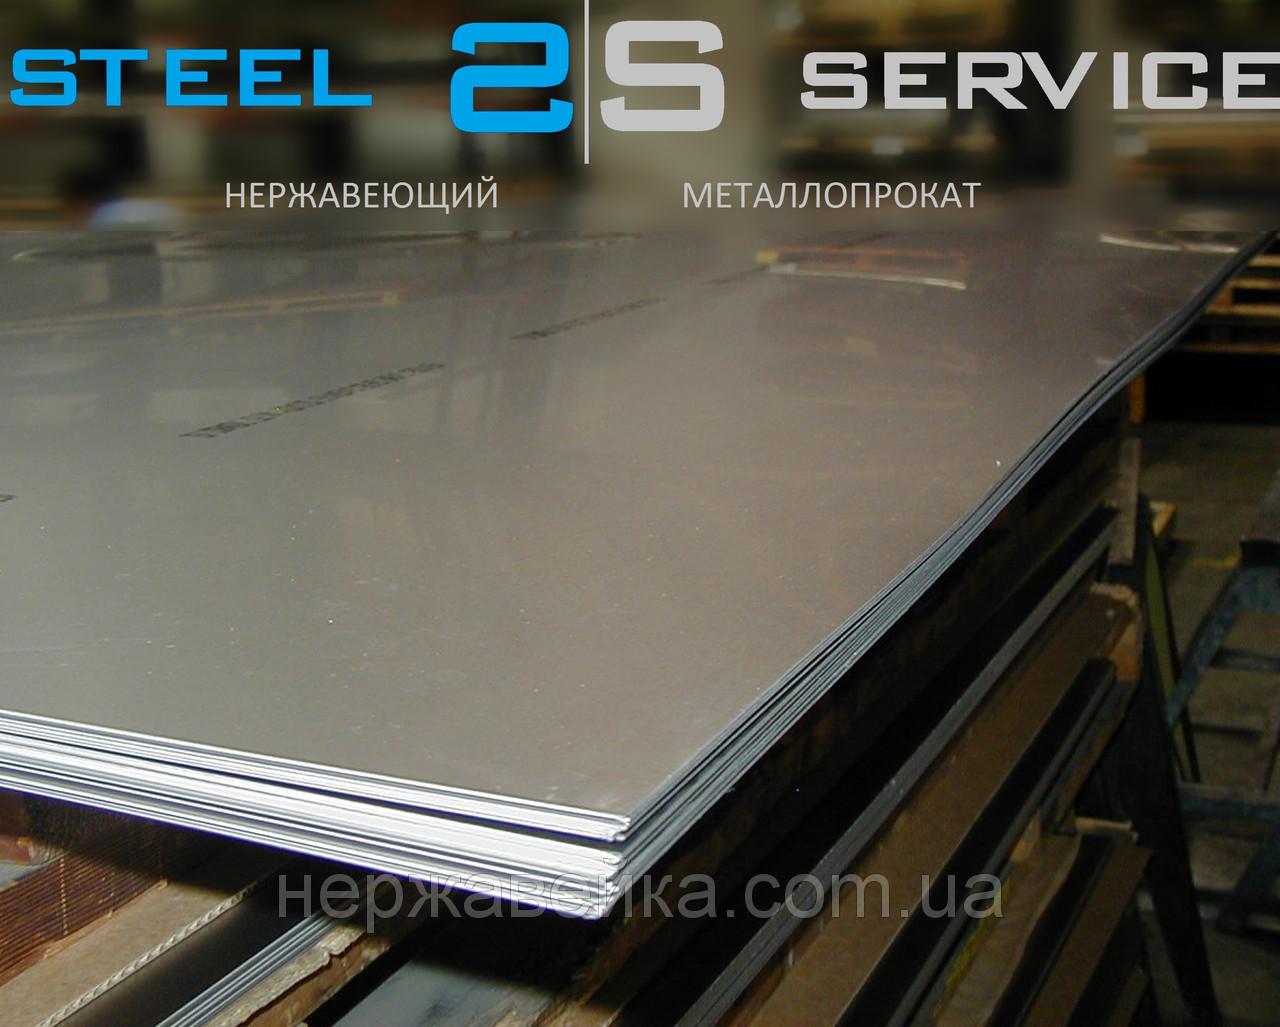 Лист нержавійка 8х1250х2500мм AISI 430(12Х17) 2B - матовий, технічний